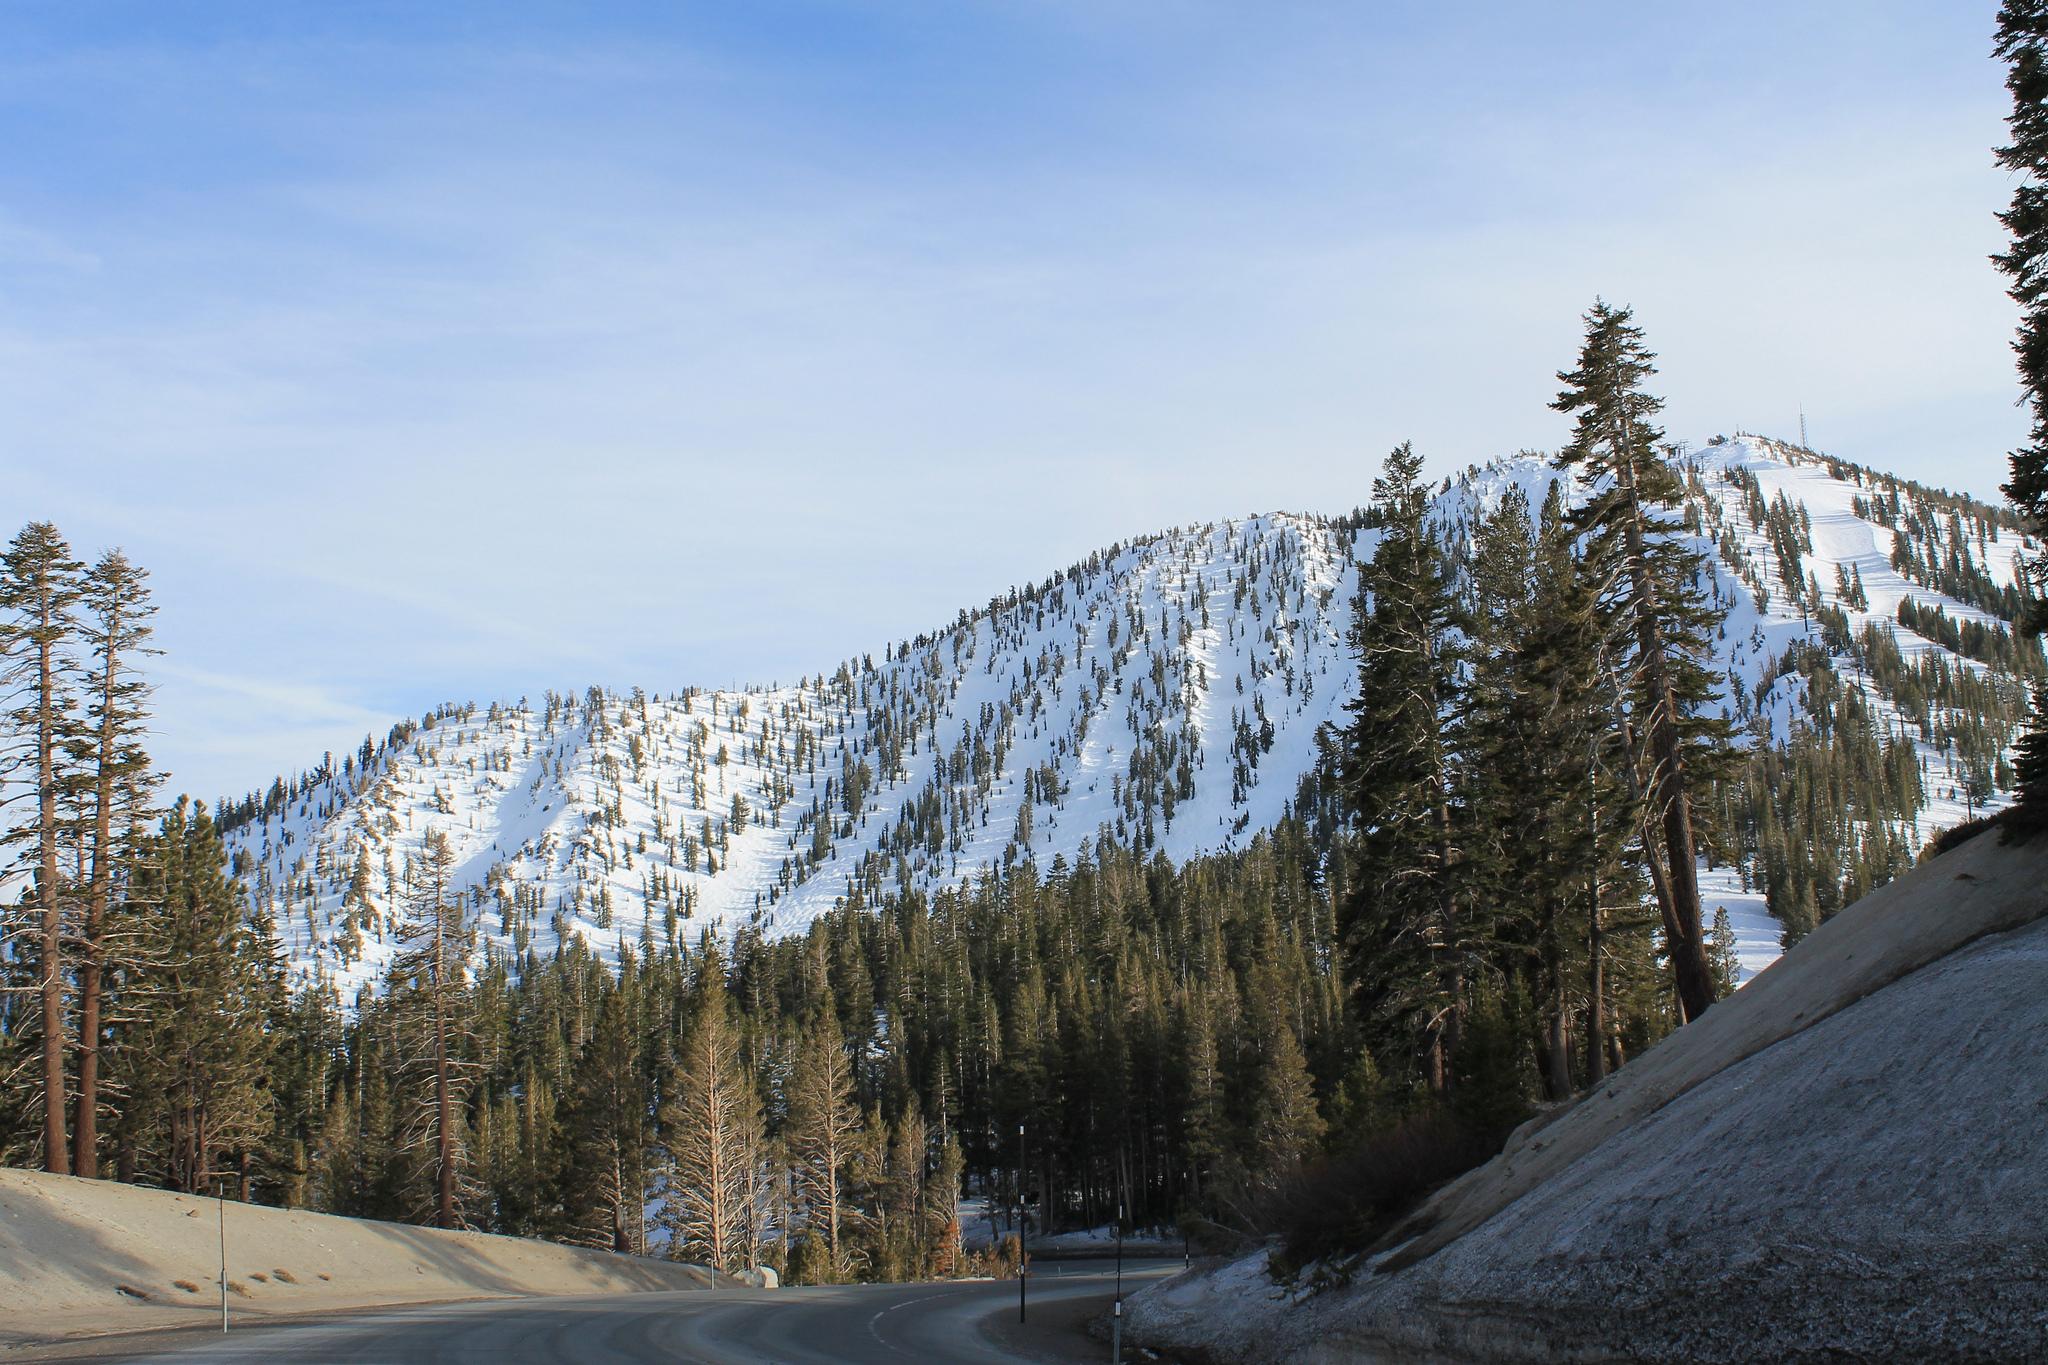 The Mount Rose Highway | ©Patrick Nouhailler/Flickr